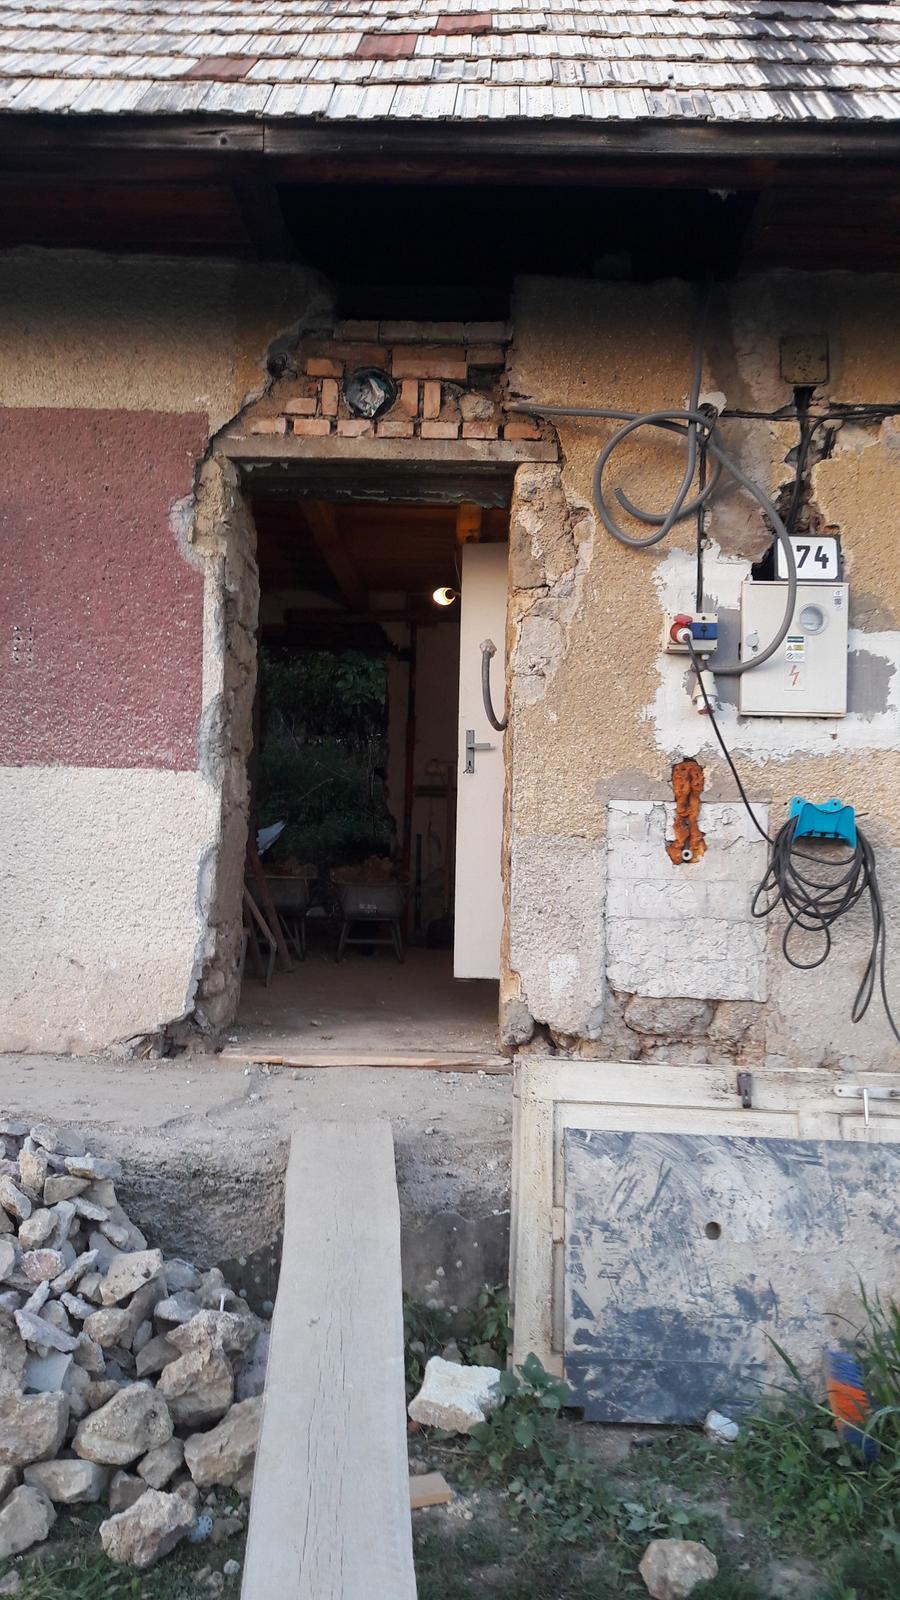 HACIENDA NAPOLI SEBECHLEBY - na kazdych dverach v dome sa dvihali preklady nakolko boli nizke